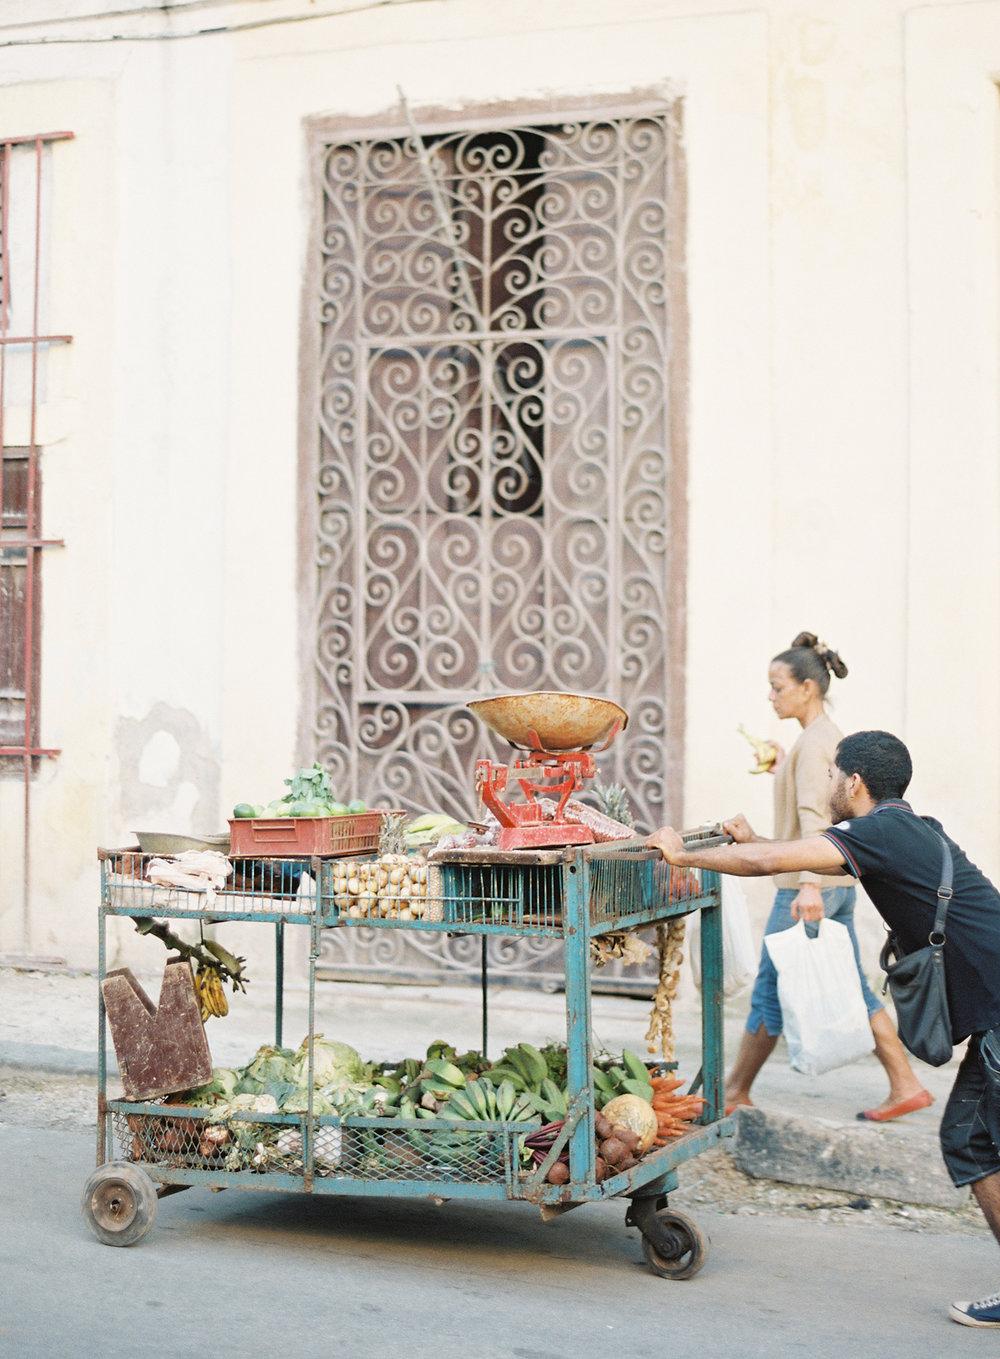 JenHuang-Cuba2016-18-009435-R1-002.jpg